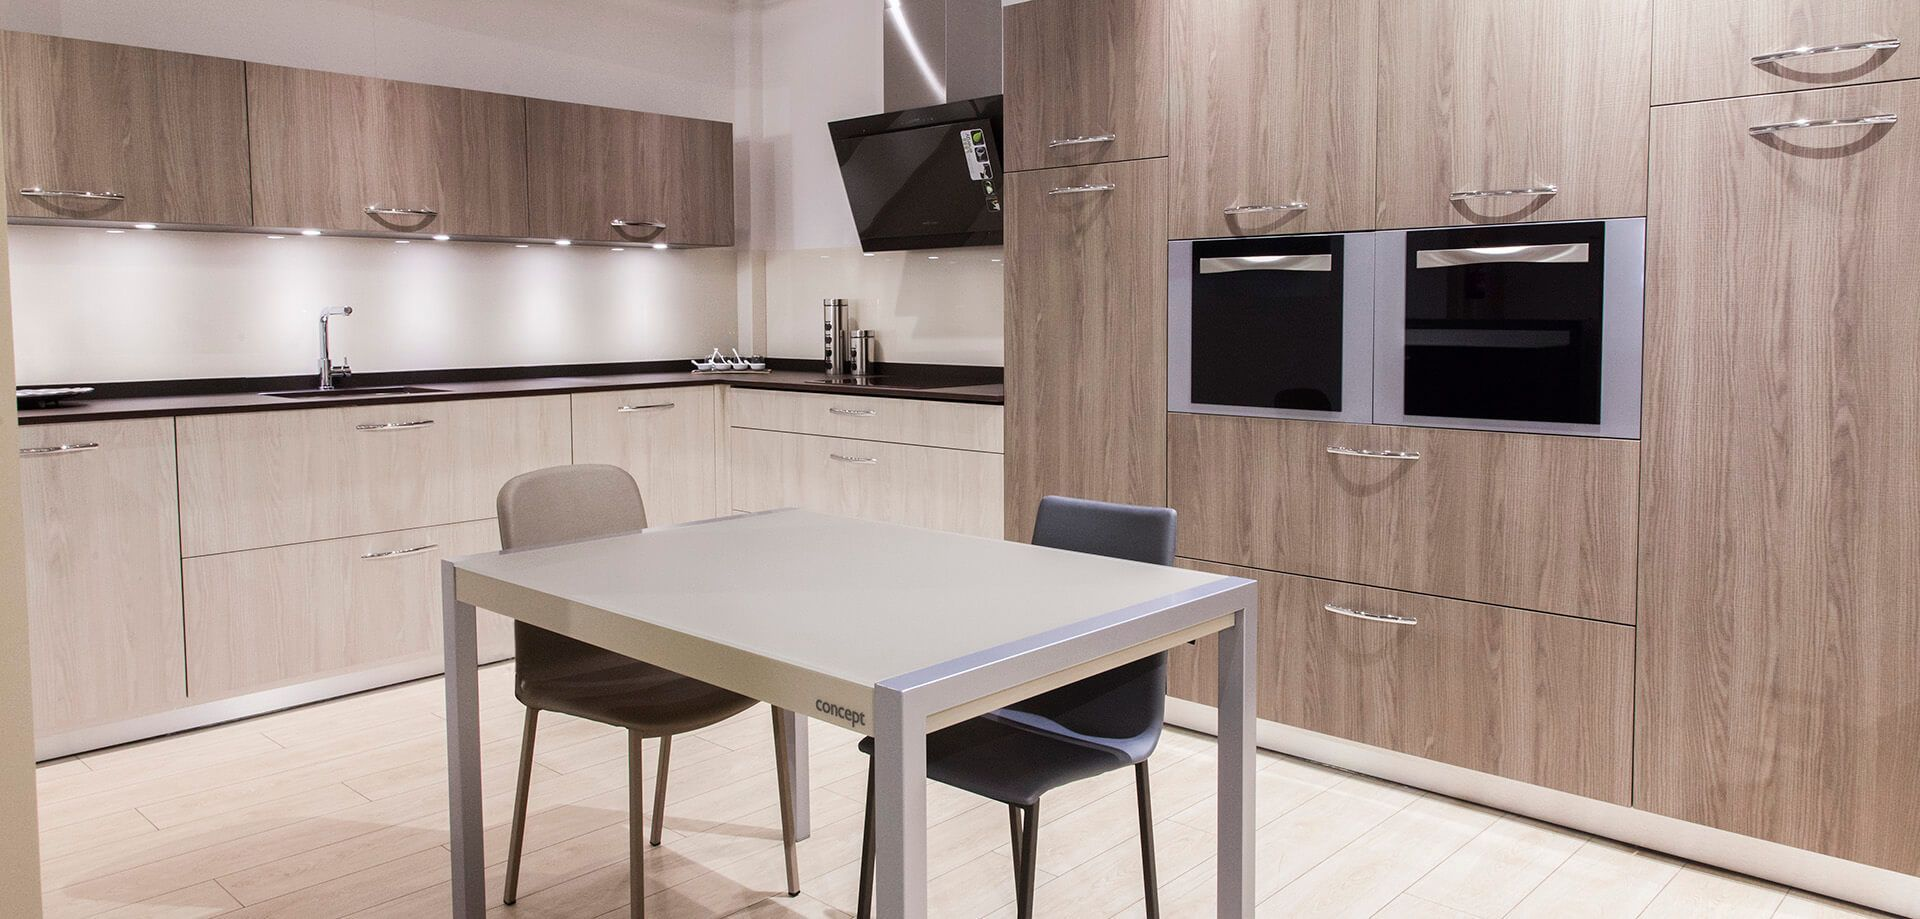 Muebles de cocina modelo carla.